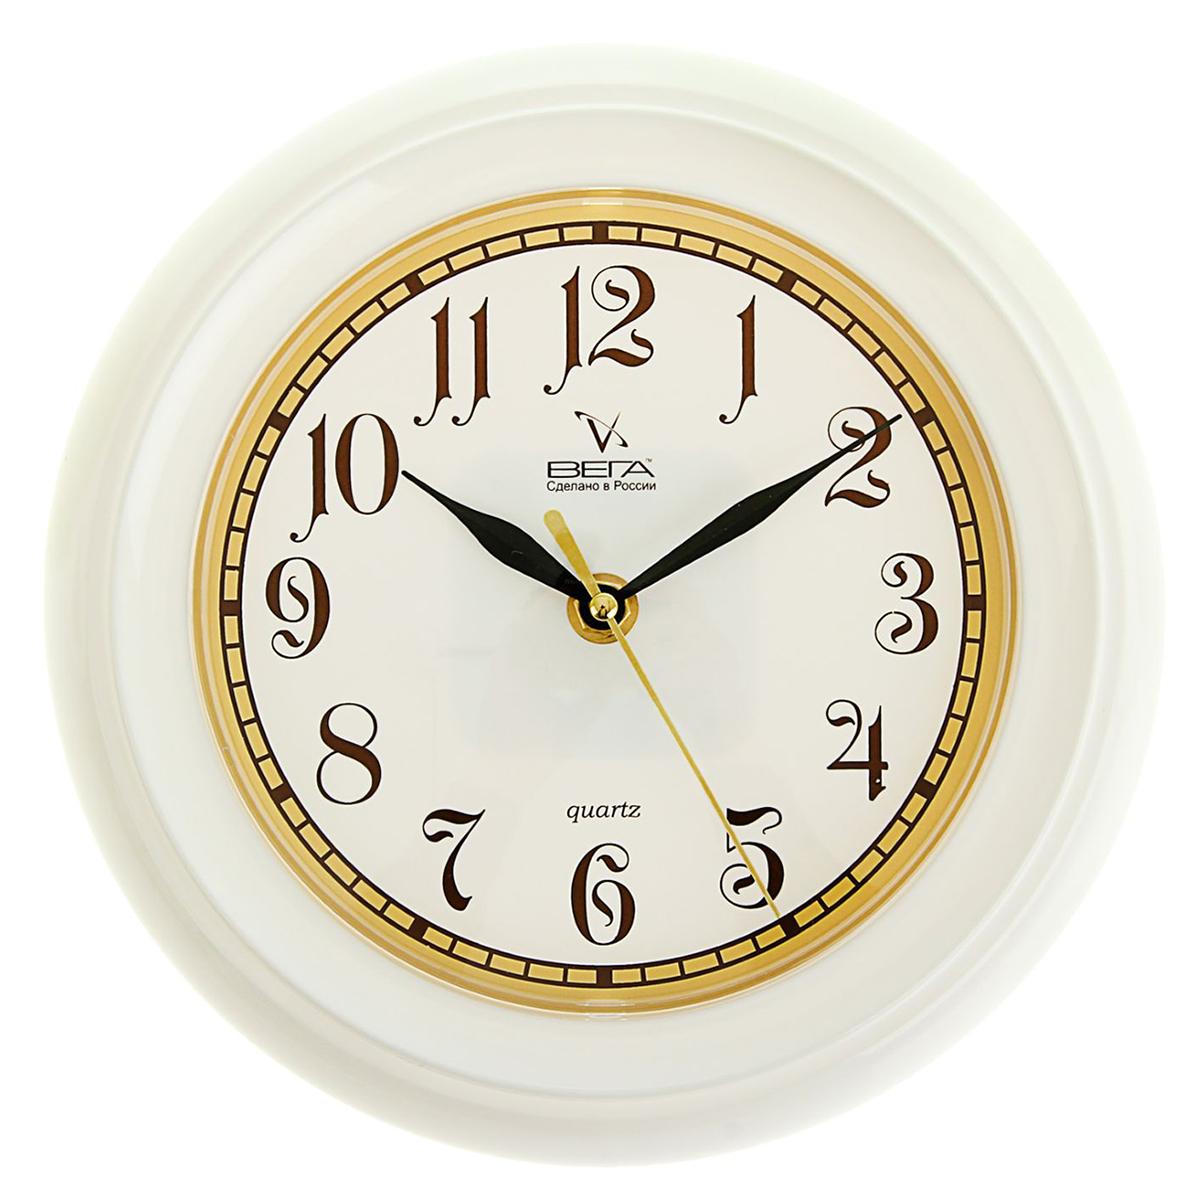 """Часы настенные классические """"Вега"""", белые, цифры узорные — сувенир в полном смысле этого слова. И главная его задача — хранить воспоминание о месте, где вы побывали, или о том человеке, который подарил данный предмет. Преподнесите эту вещь своему другу, и она станет достойным украшением его дома. Каждому хозяину периодически приходит мысль обновить свою квартиру, сделать ремонт, перестановку или кардинально поменять внешний вид каждой комнаты. Часы настенные классические """"Вега"""", белые, цифры узорные — привлекательная деталь, которая поможет воплотить вашу интерьерную идею, создать неповторимую атмосферу в вашем доме. Окружите себя приятными мелочами, пусть они радуют глаз и дарят гармонию.Часы настенные классические, круглые, белые 197158"""